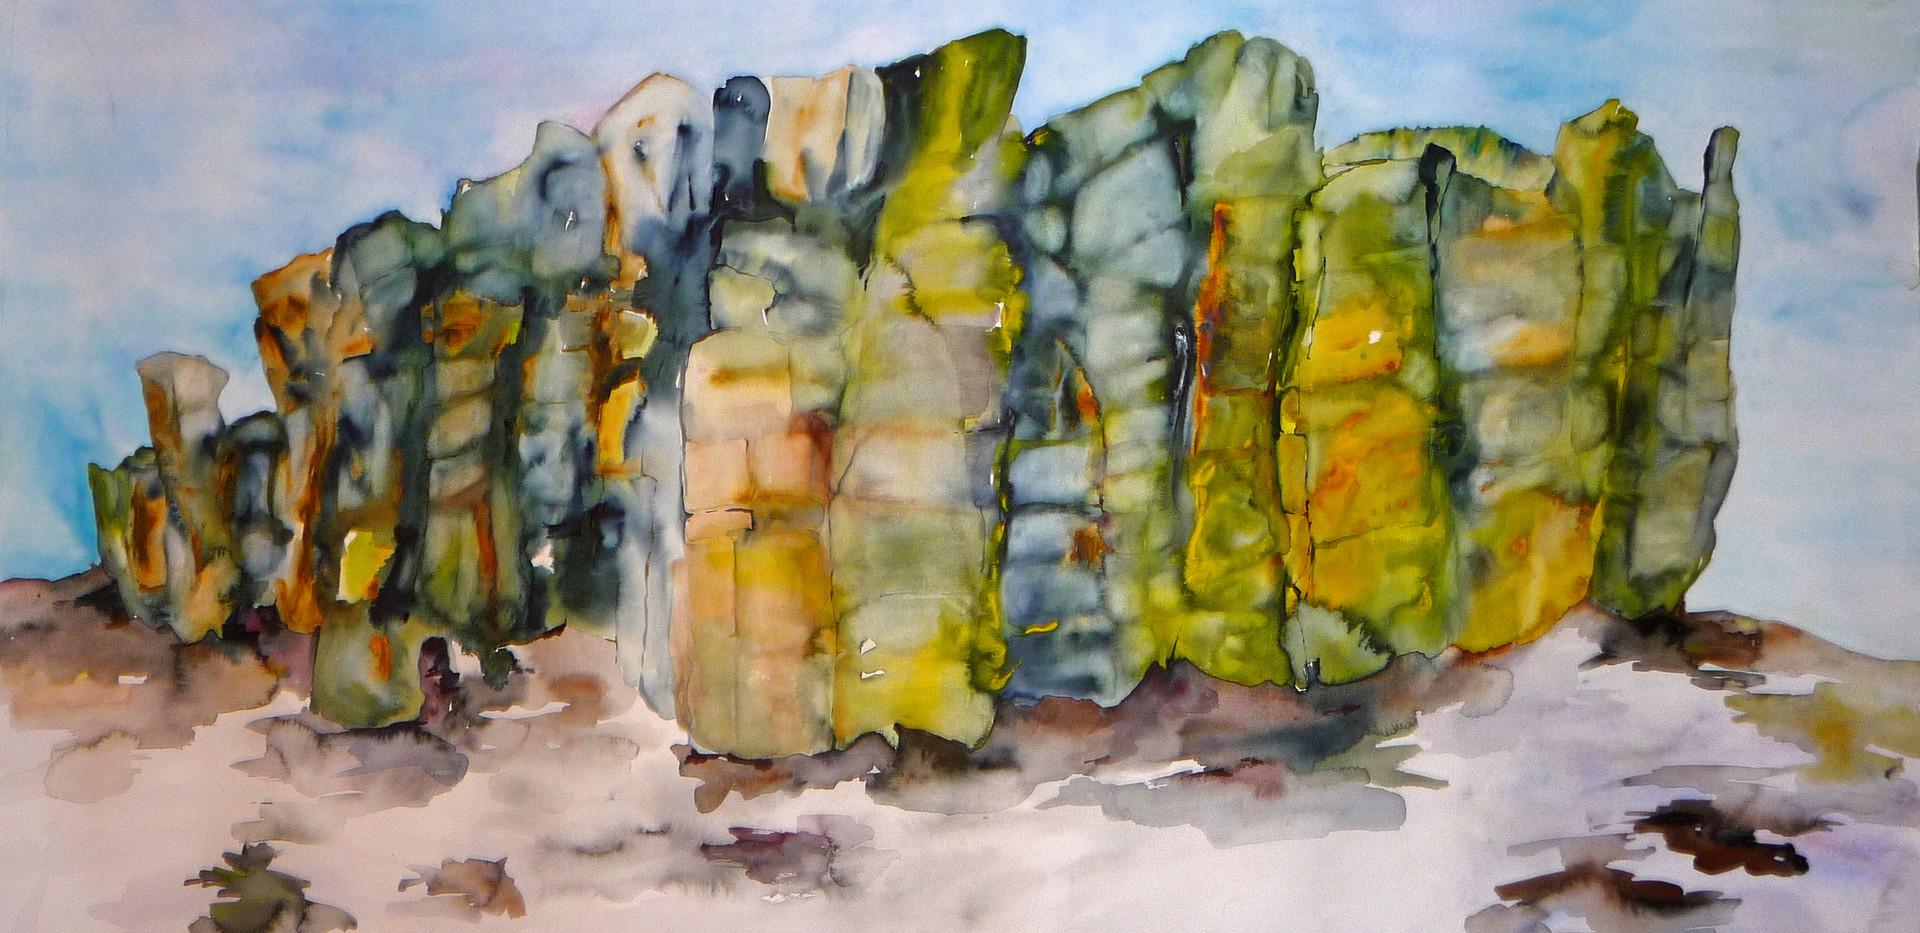 Large Lava Rocks (Wall Size)